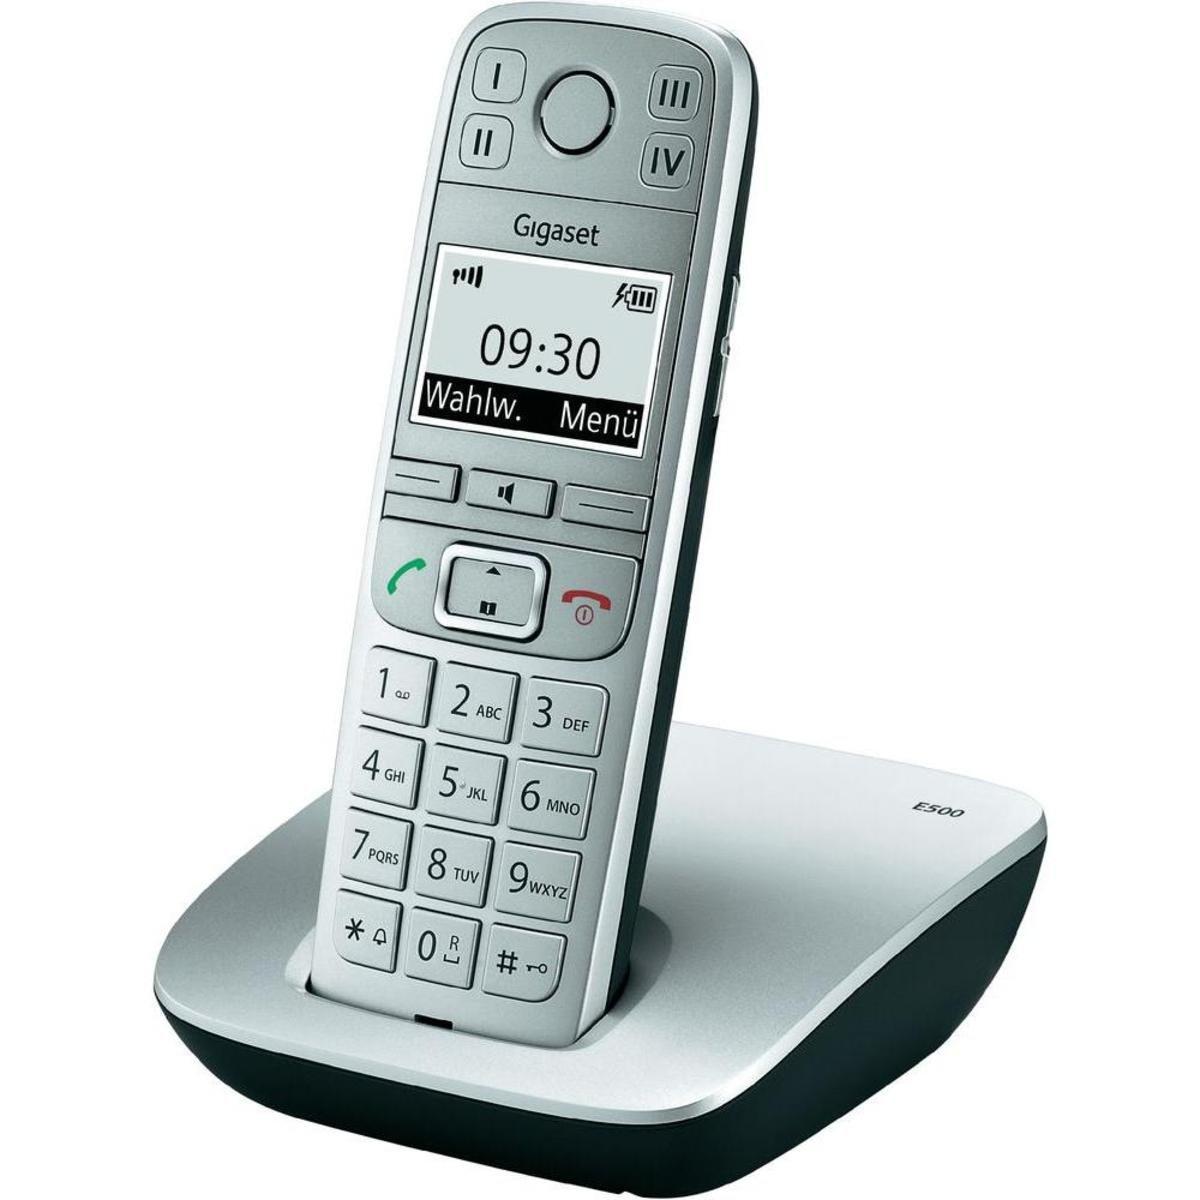 德國製室內無線電話 E500